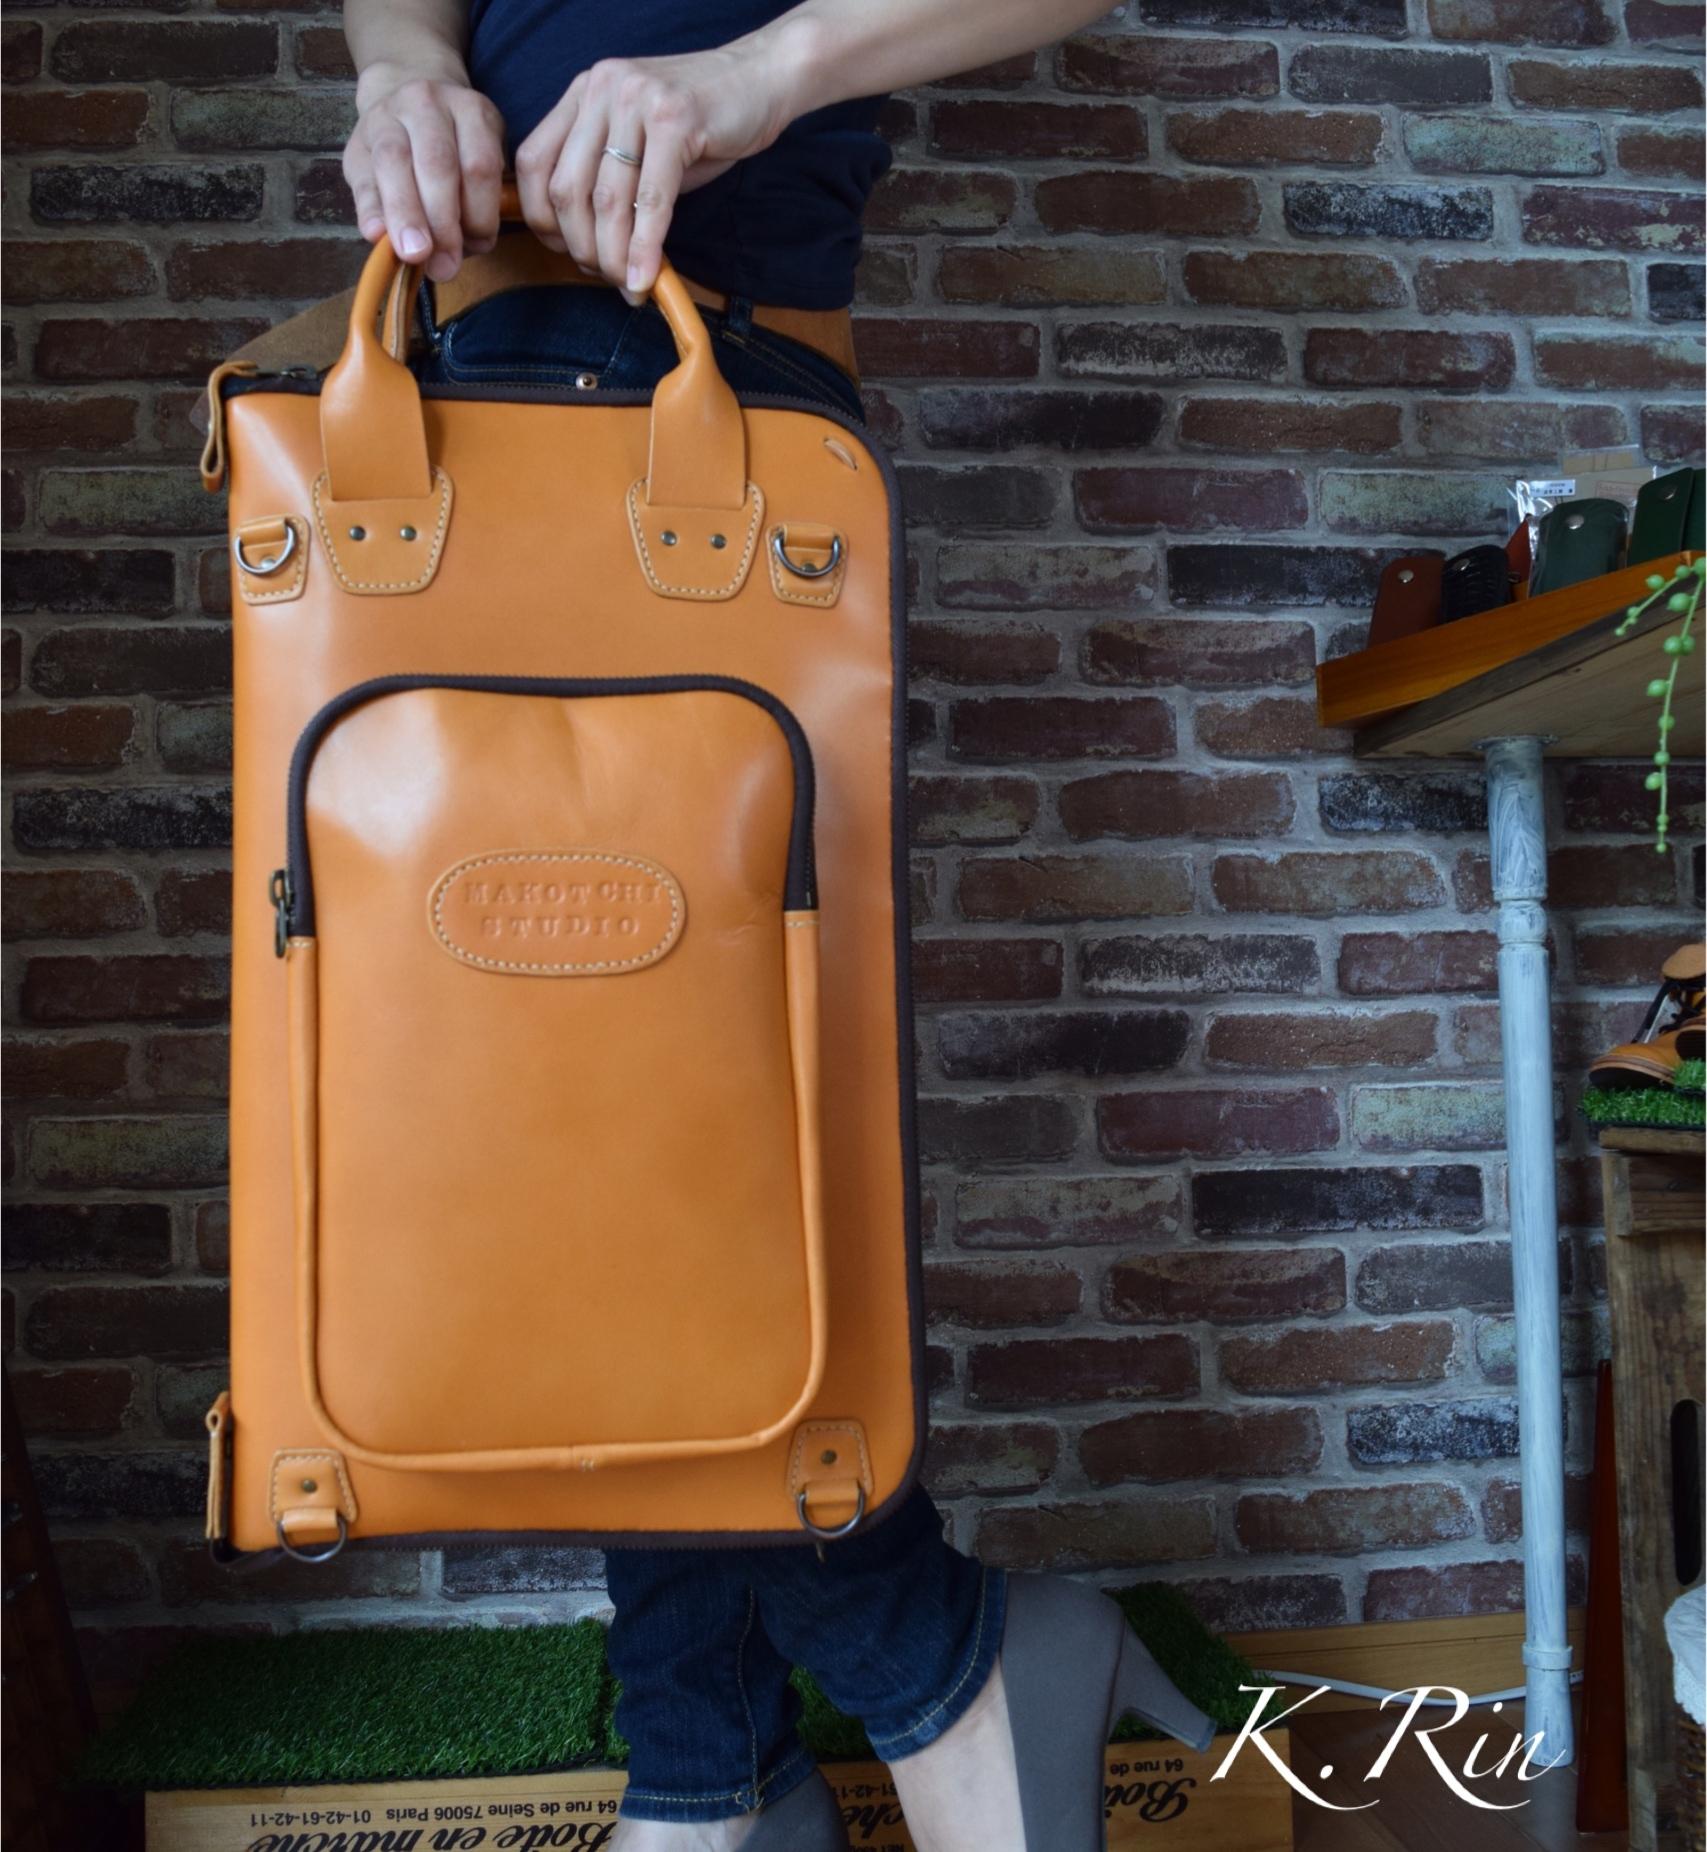 【オーダーメイド制作例】ドラムスティック用バッグ